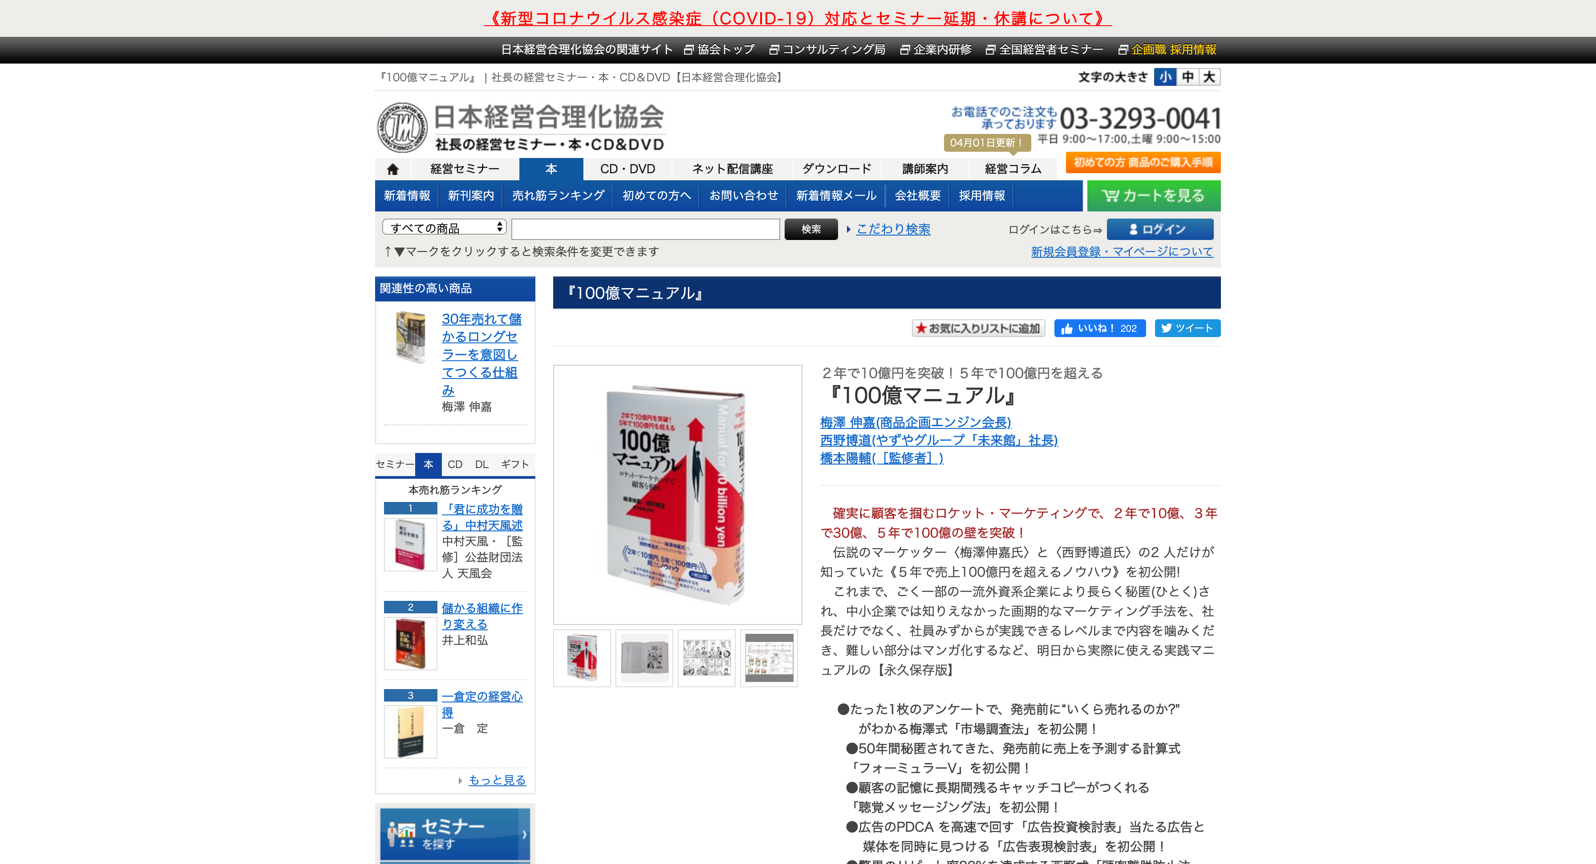 100億マニュアル | 社長の経営セミナー 本 CD DVD 日本経営合理化協会